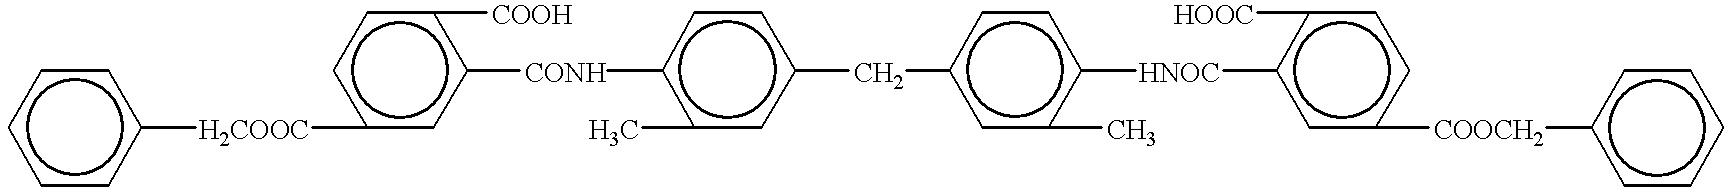 Figure US06180560-20010130-C00747